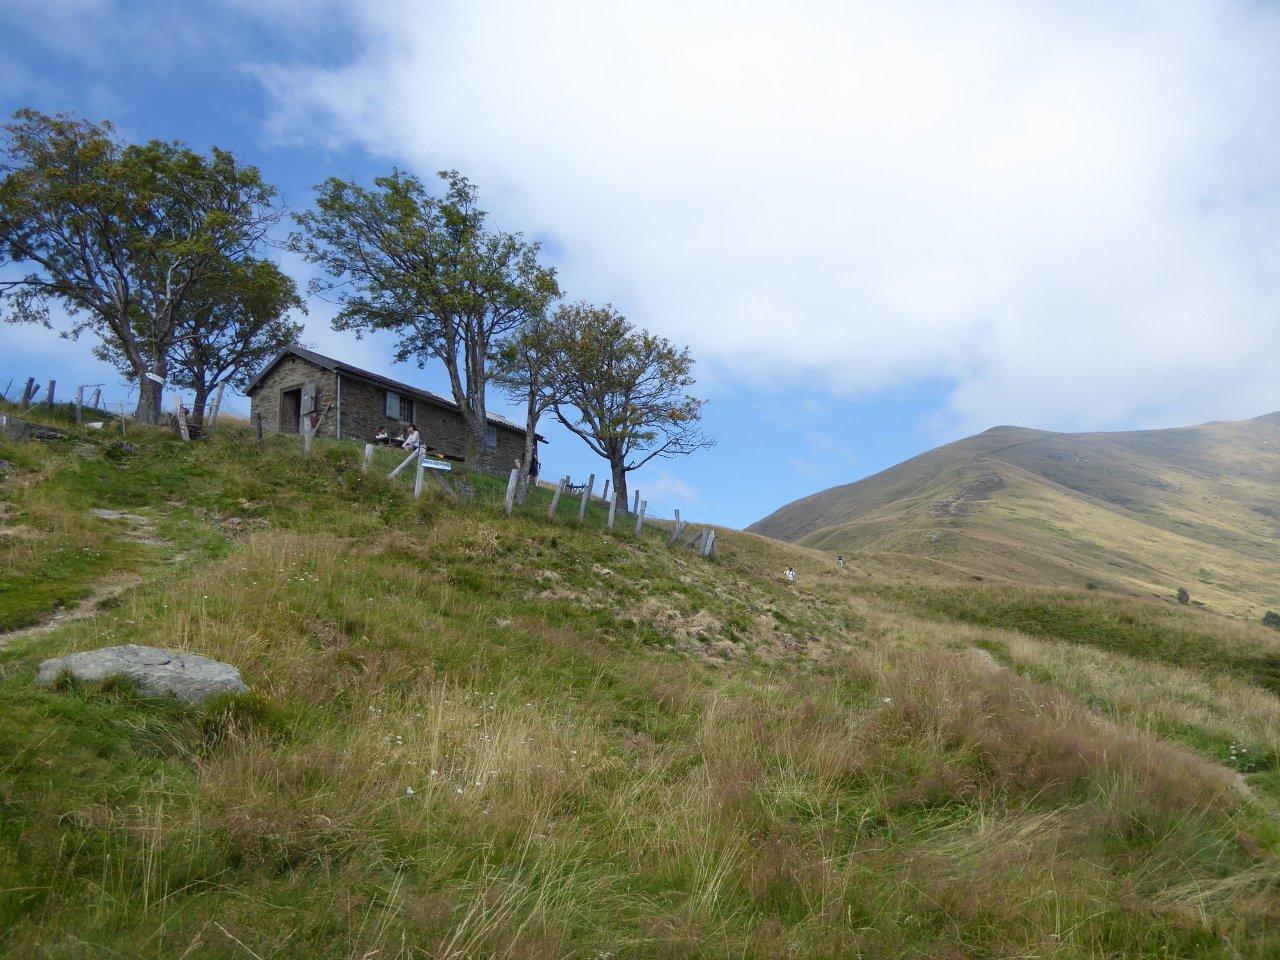 punto intermedio -con baita- a metà percorso, in prossimità del monte Pola (a dx)